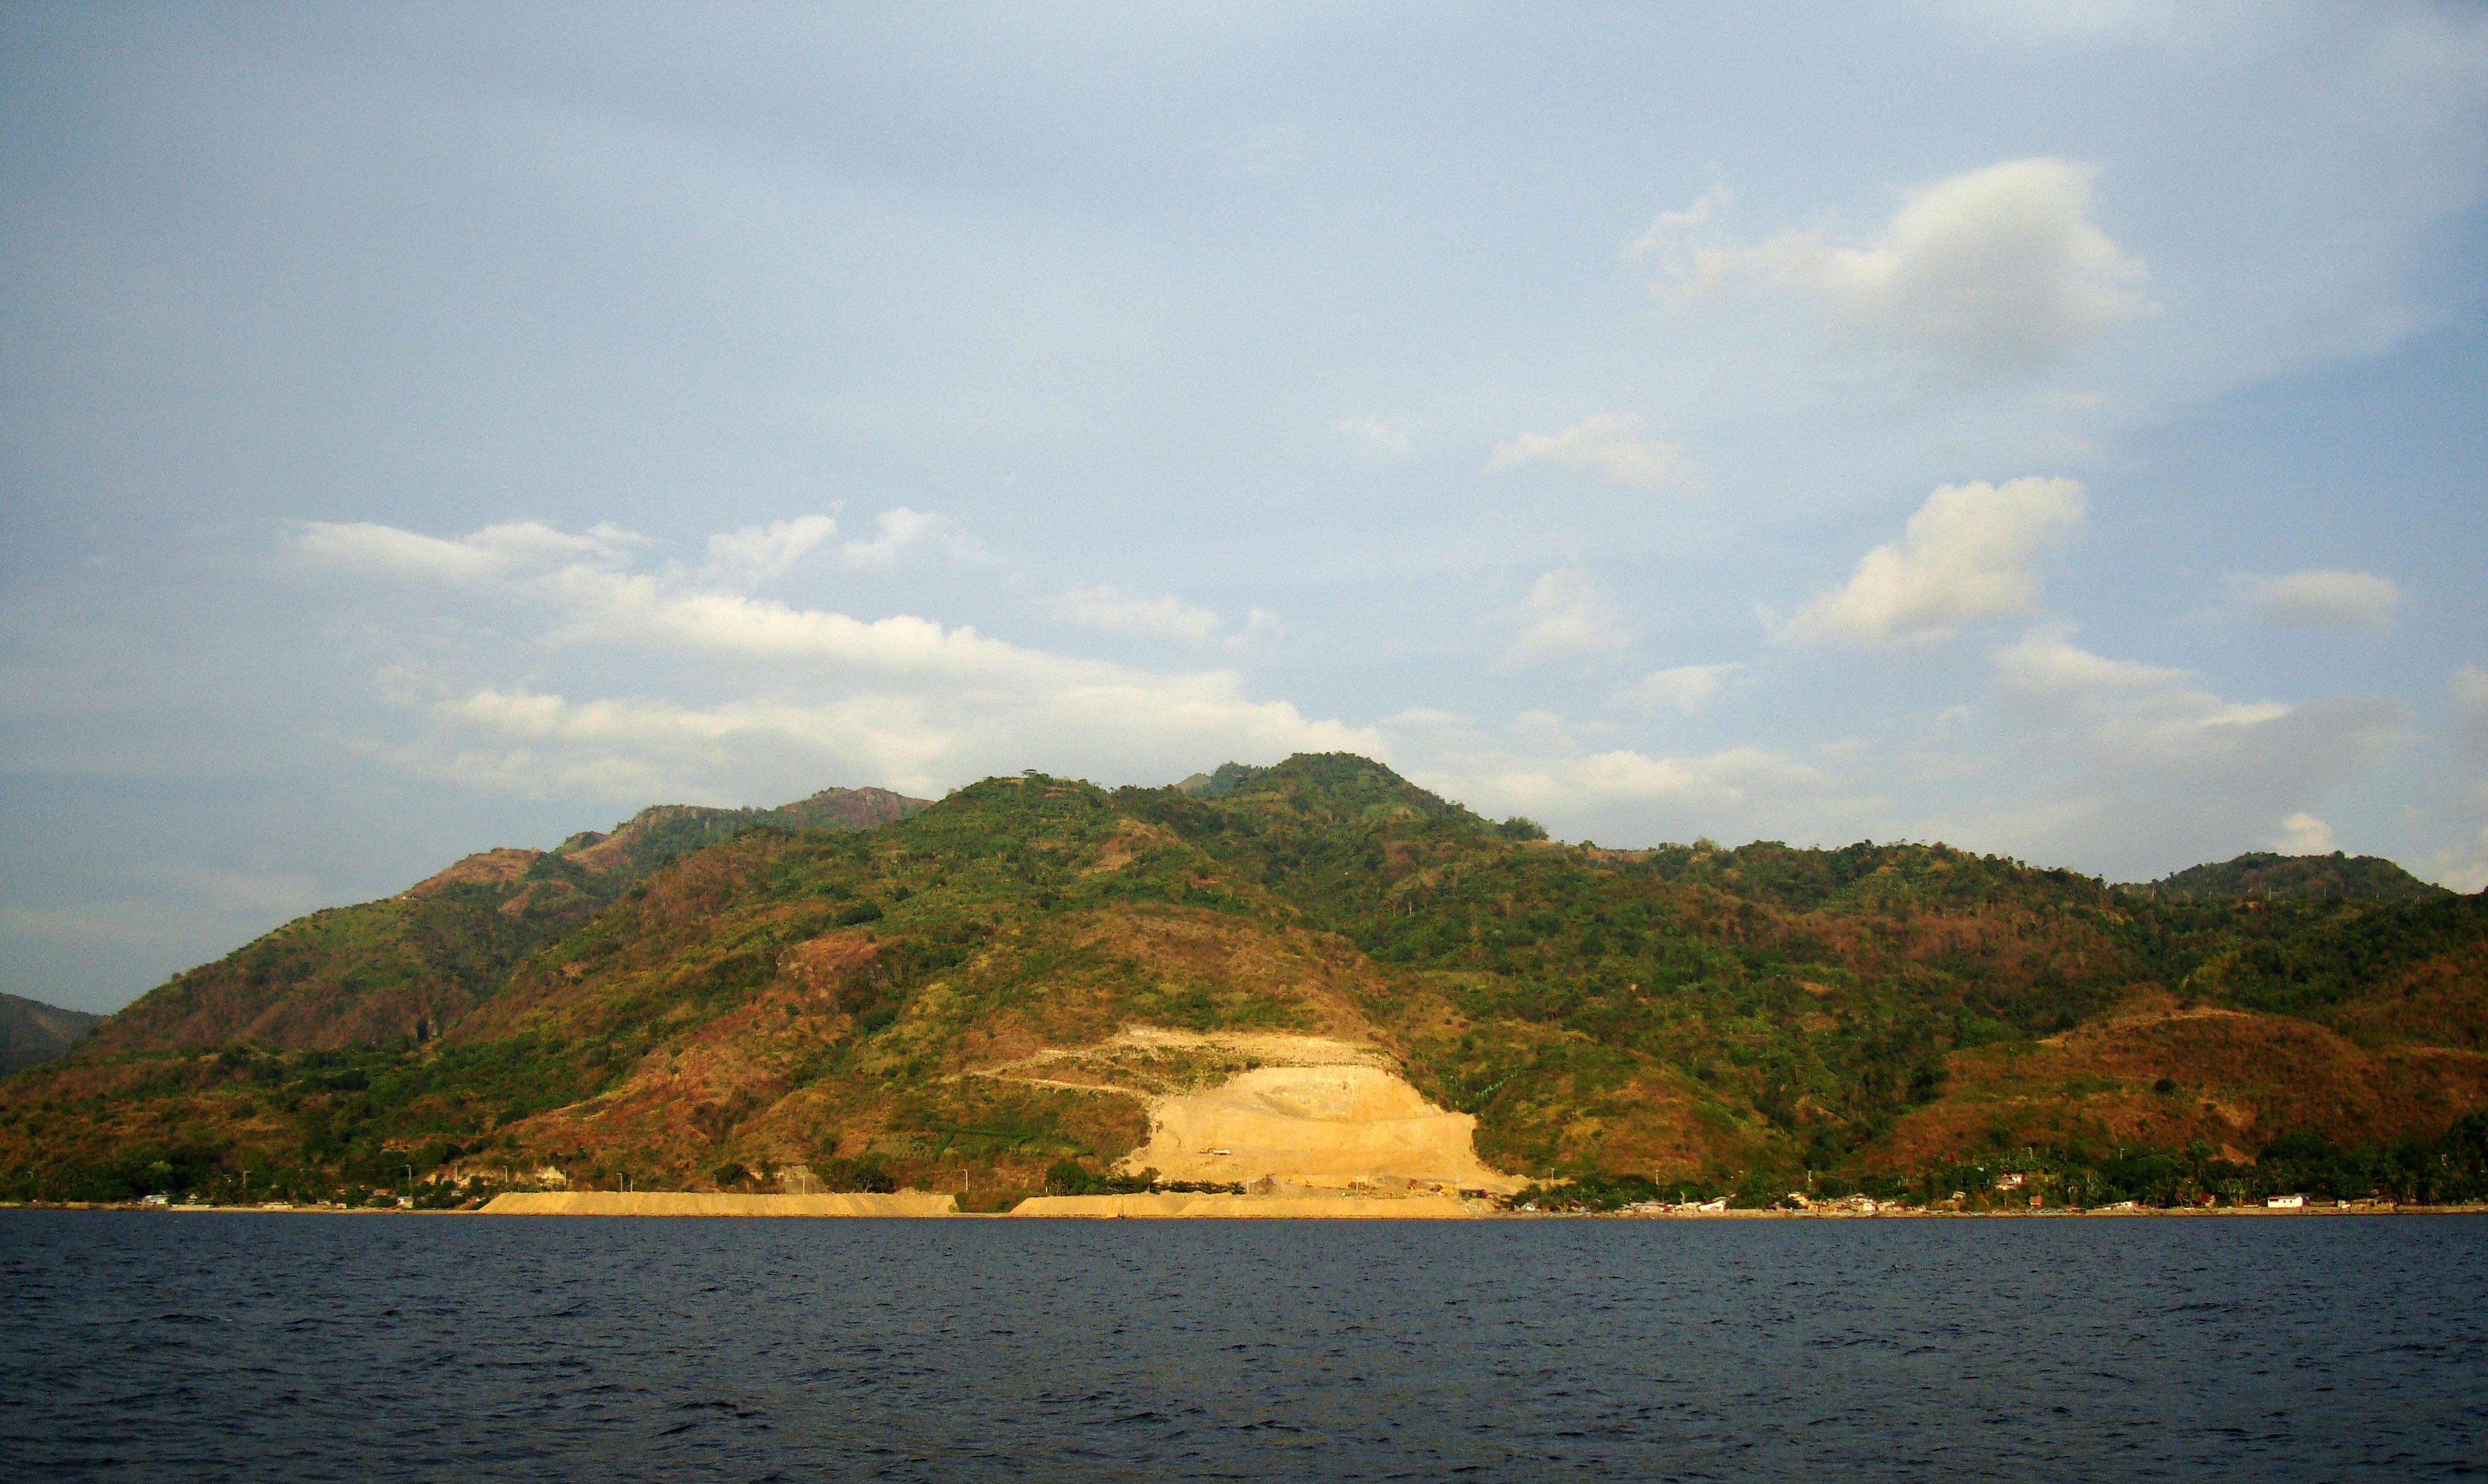 Bagalangit Point Virgin Mary Calumpan Peninsula viewed from a banca Anilao Batangas 01